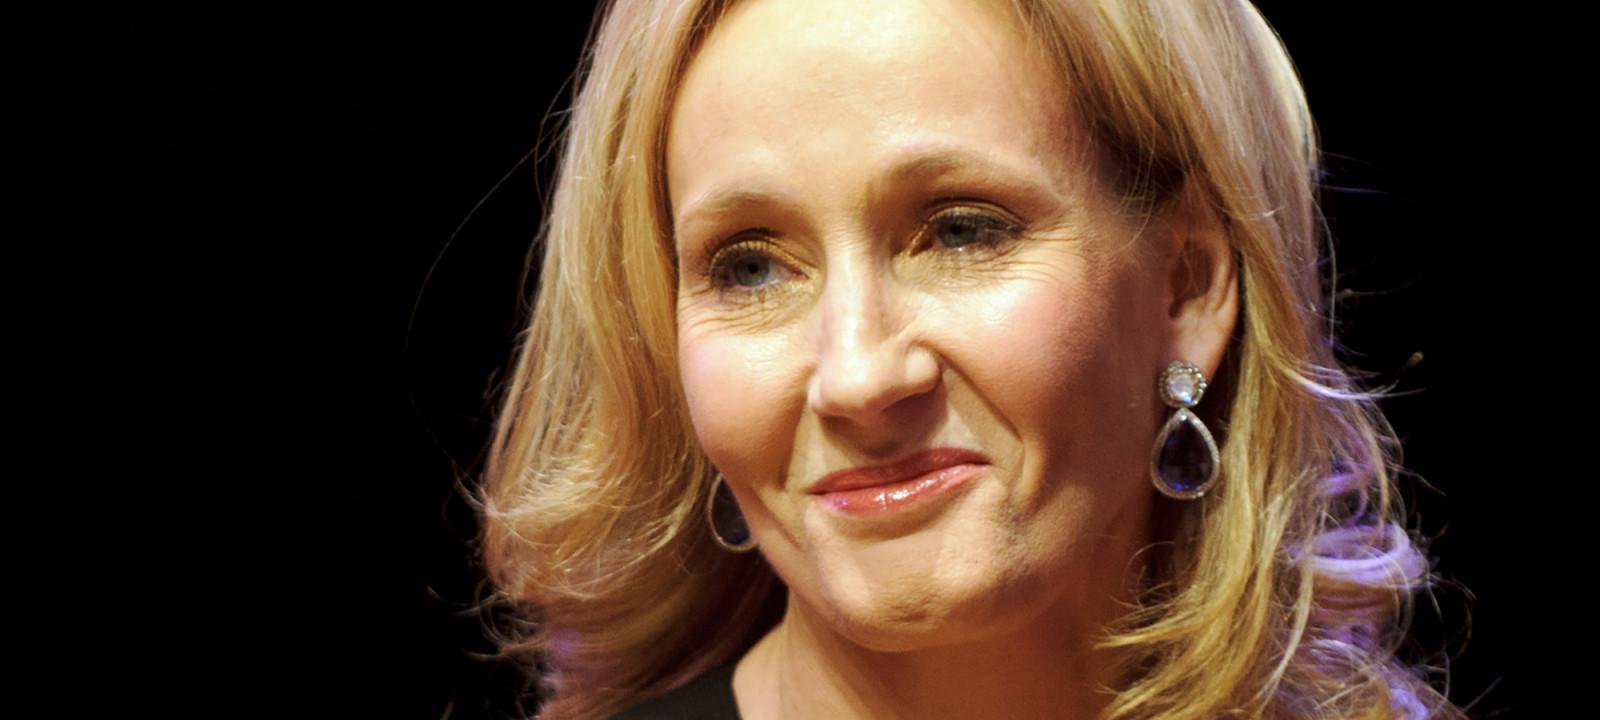 J.K Rowling – In Conversation